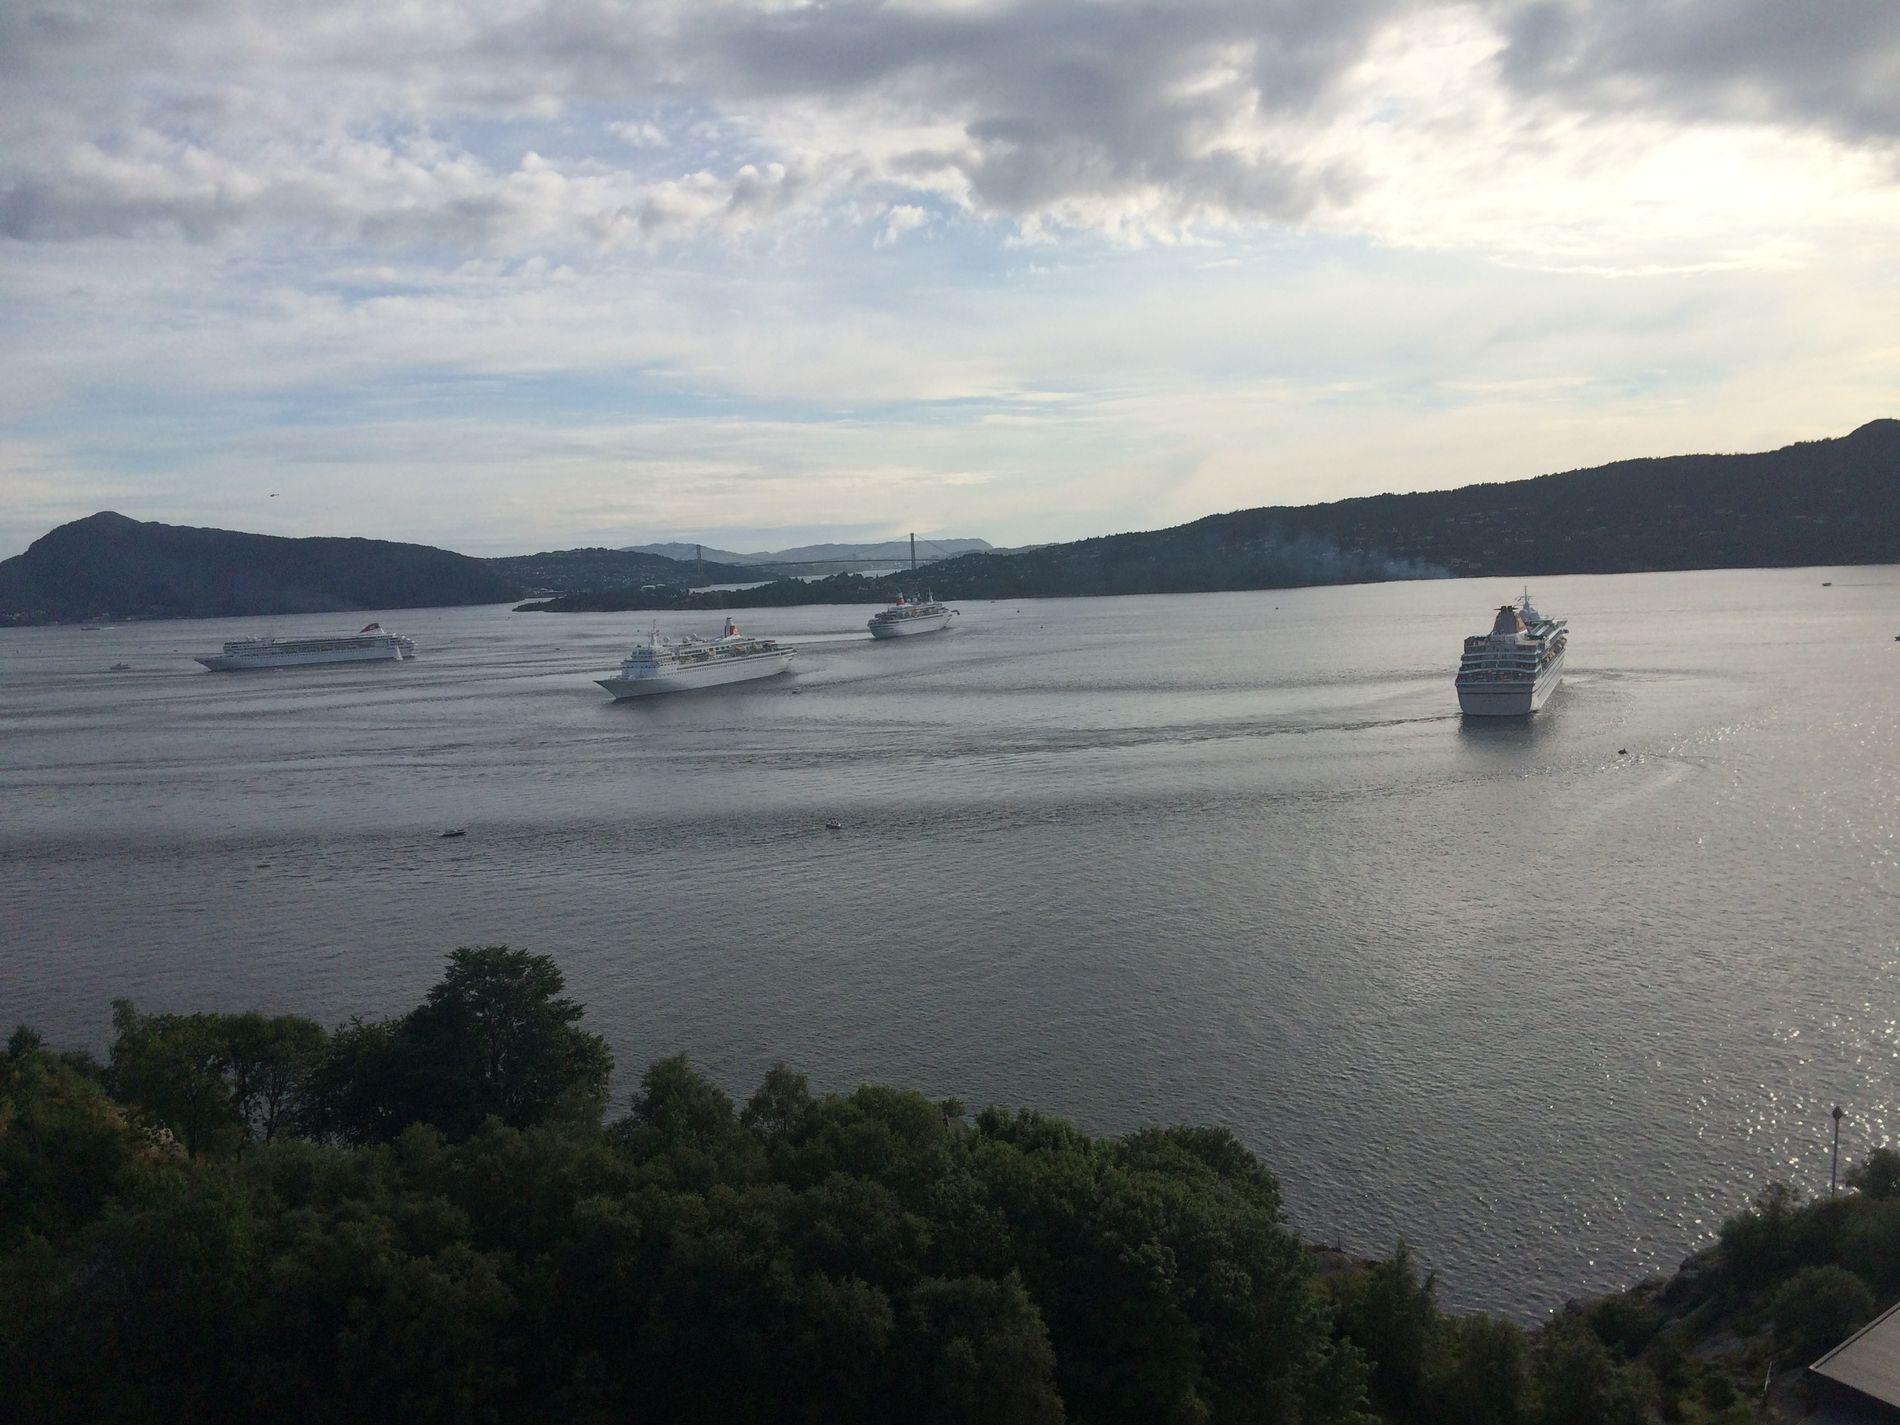 KOORDINERTE: Cruiseflåten til Fred. Olsen Cruise Lines forlot Bergen tirsdag kveld etter å ha vært samlet for første gang i selskapets historie. På veien ut fjorden ga de publikum litt show.